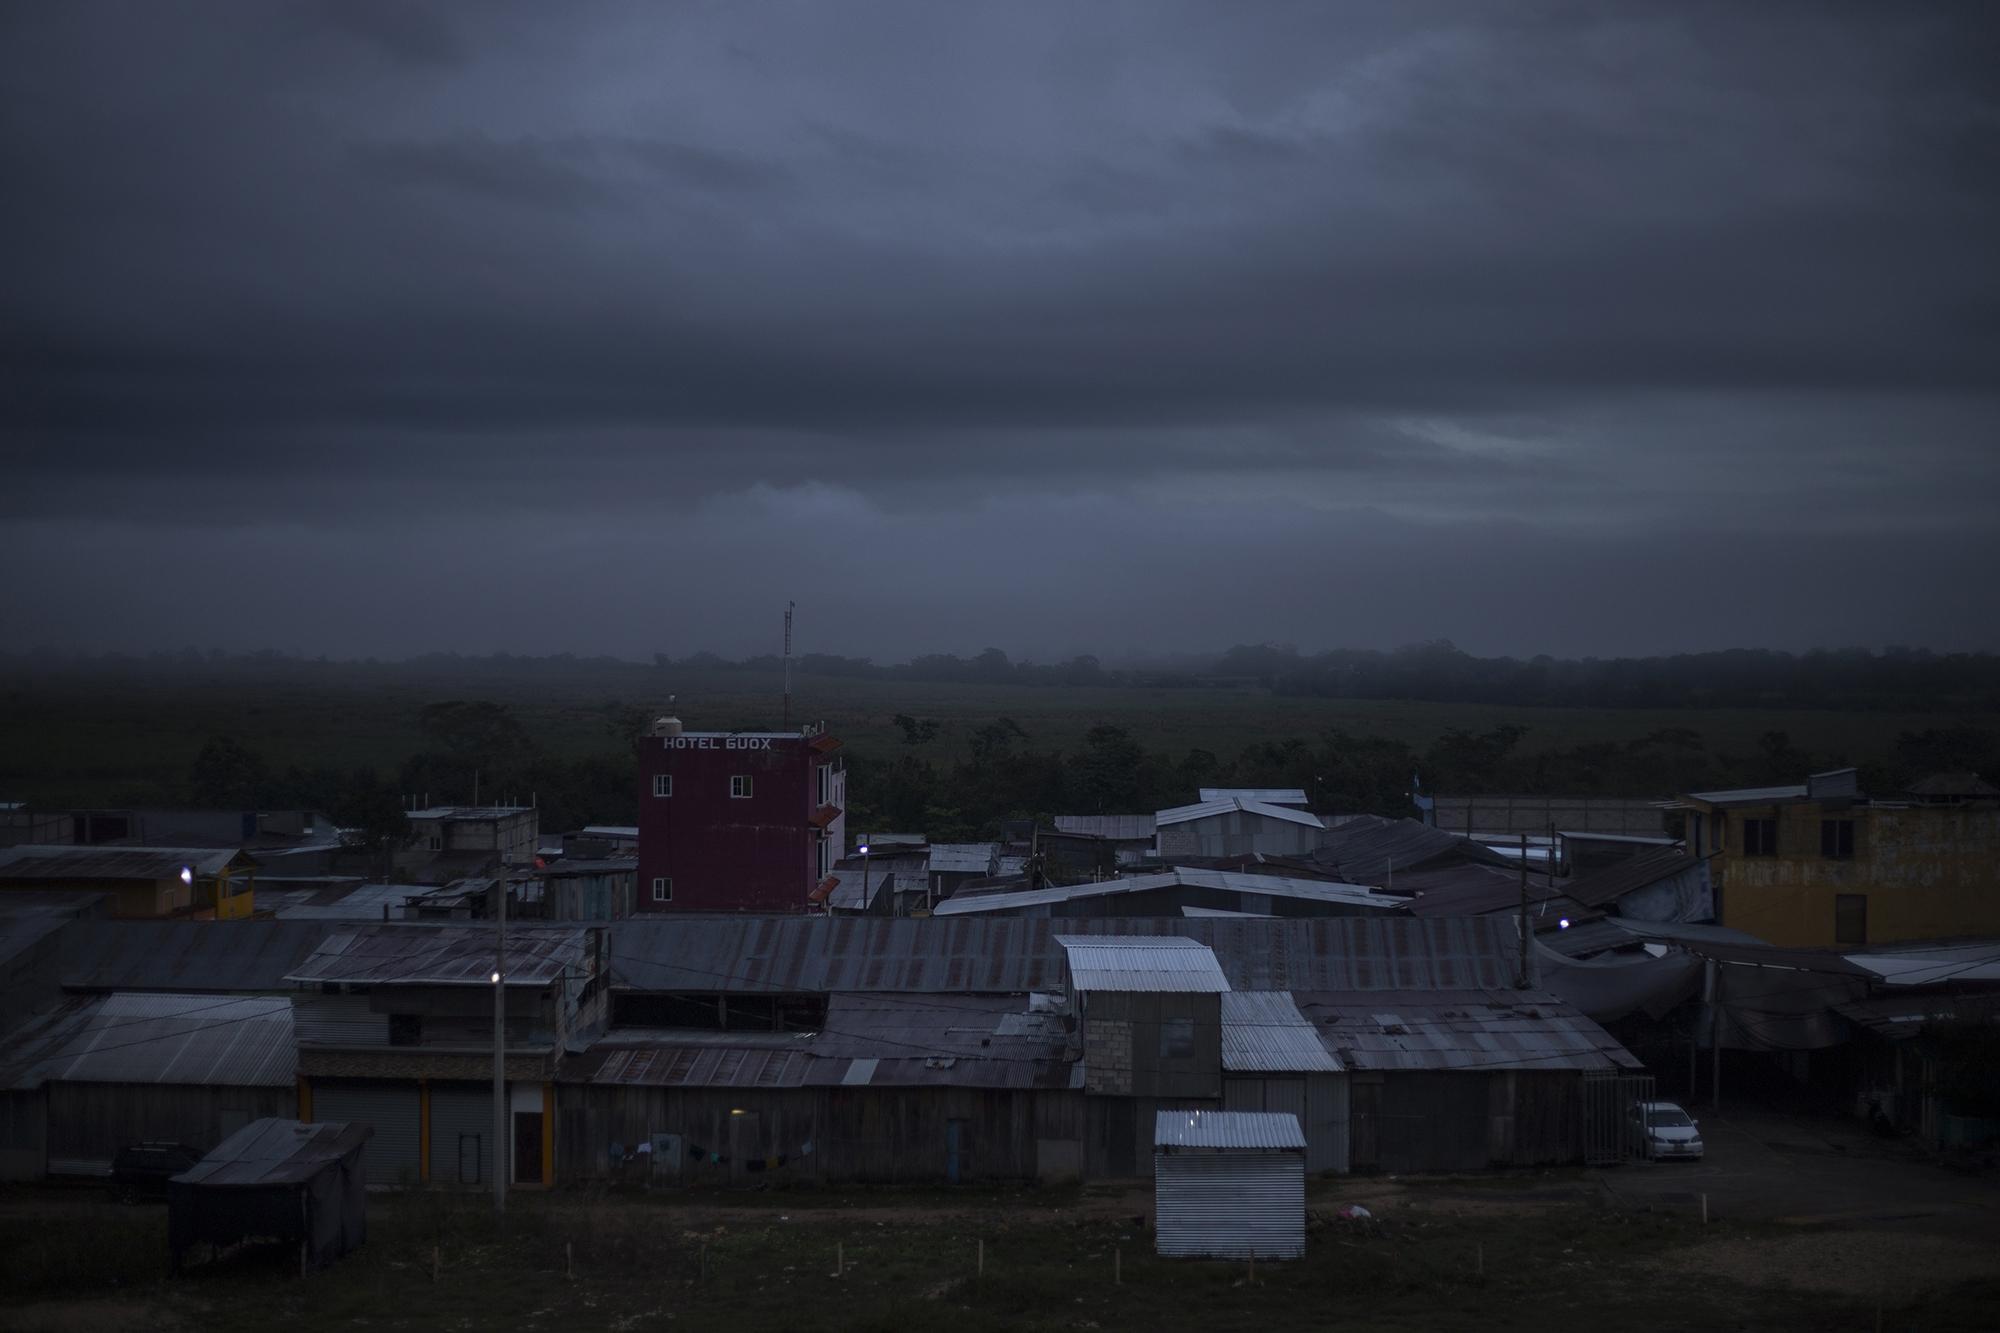 En el caserío El Ceibo habitan alrededor de mil 600 personas. A diario, un goteo migratorio rodea sus veredas de manera clandestina. Esta vez, cientos de hondureños y unas decenas de salvadoreños inundaron sus calles y convirtieron El Ceibo en el centro de la frontera cerrada mexicana. Foto: Víctor Peña